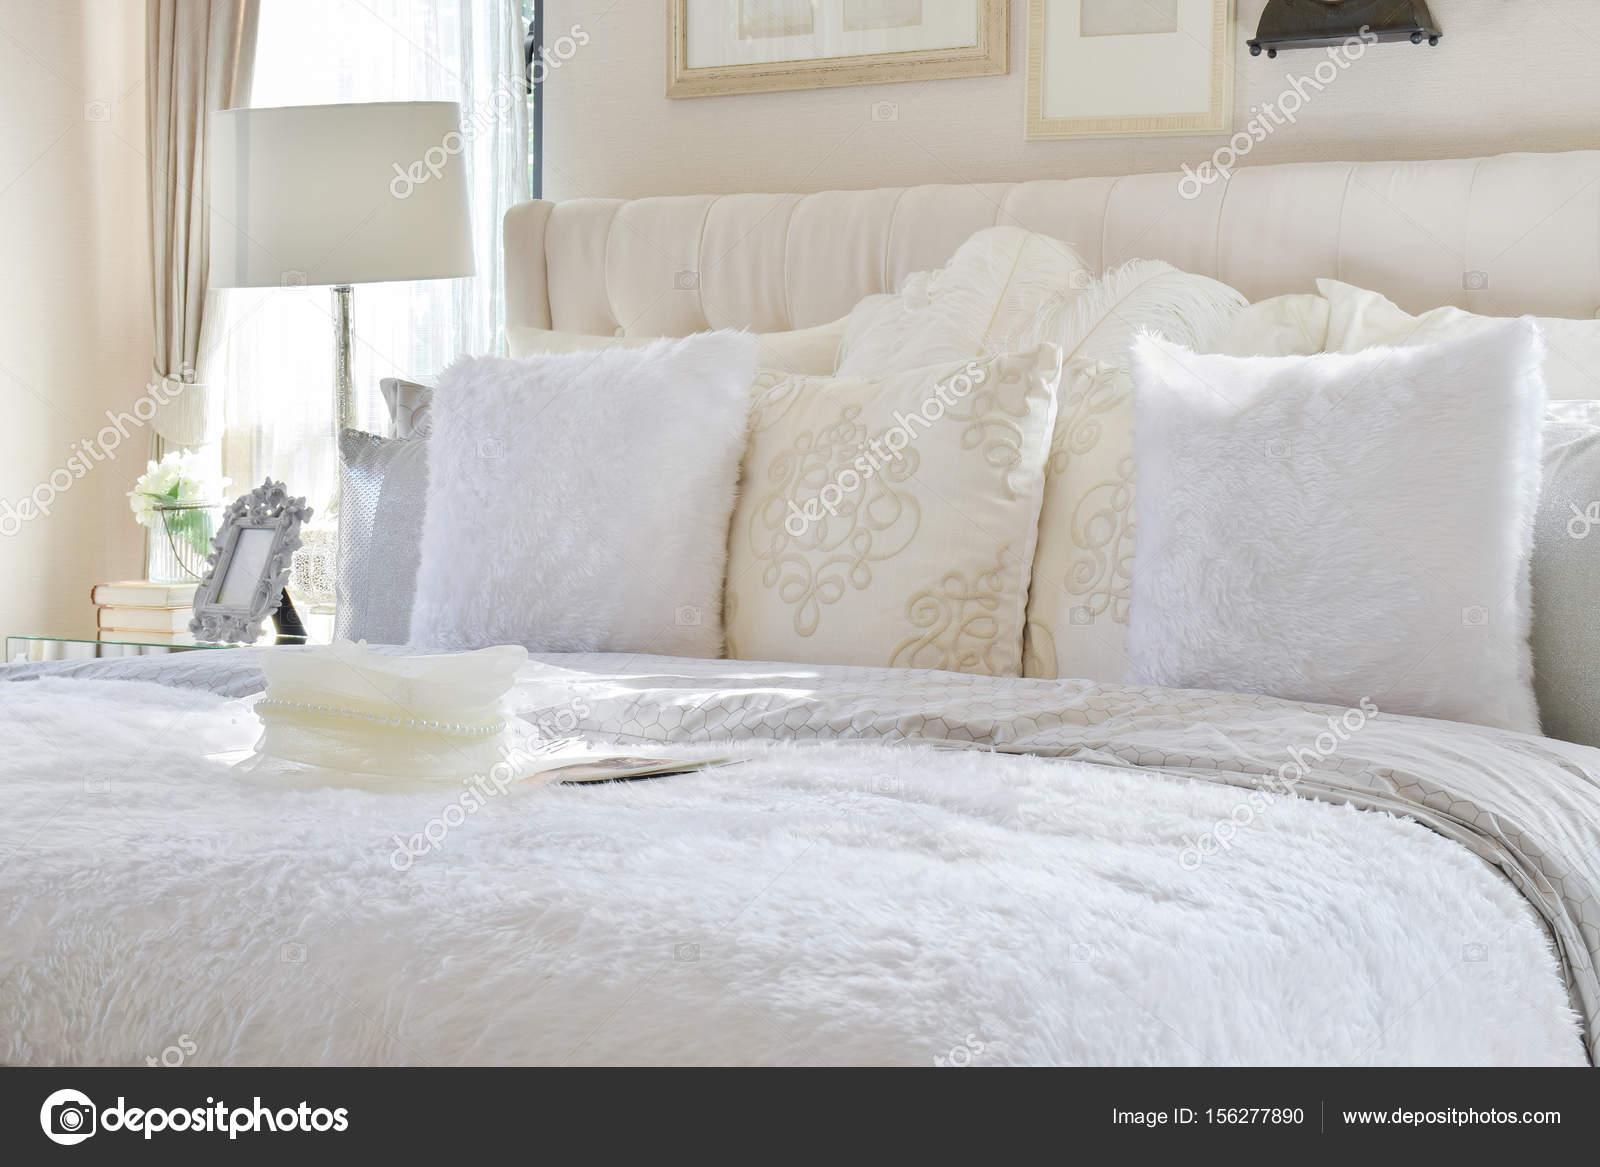 Vintage-Stil Schlafzimmer Innenraum mit weißen Kissen und ...